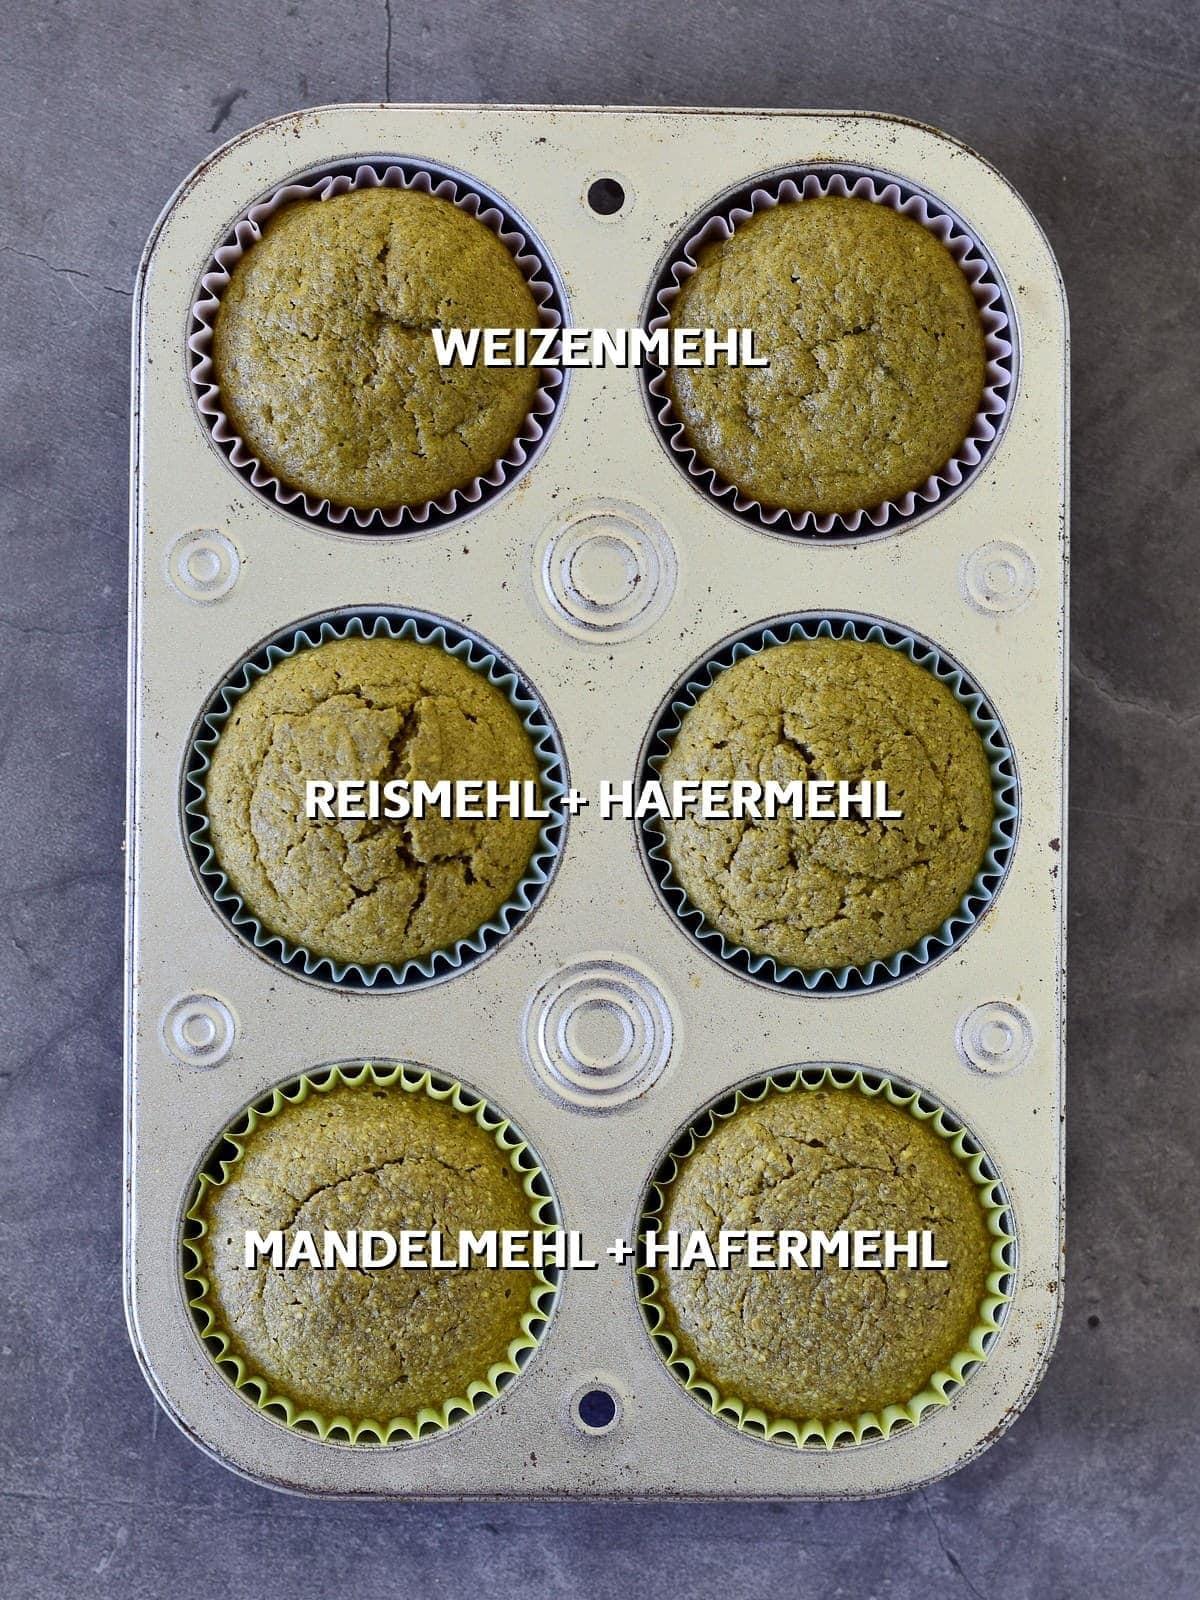 Matcha Muffins getestet mit verschiedenen Mehl-Kombinationen